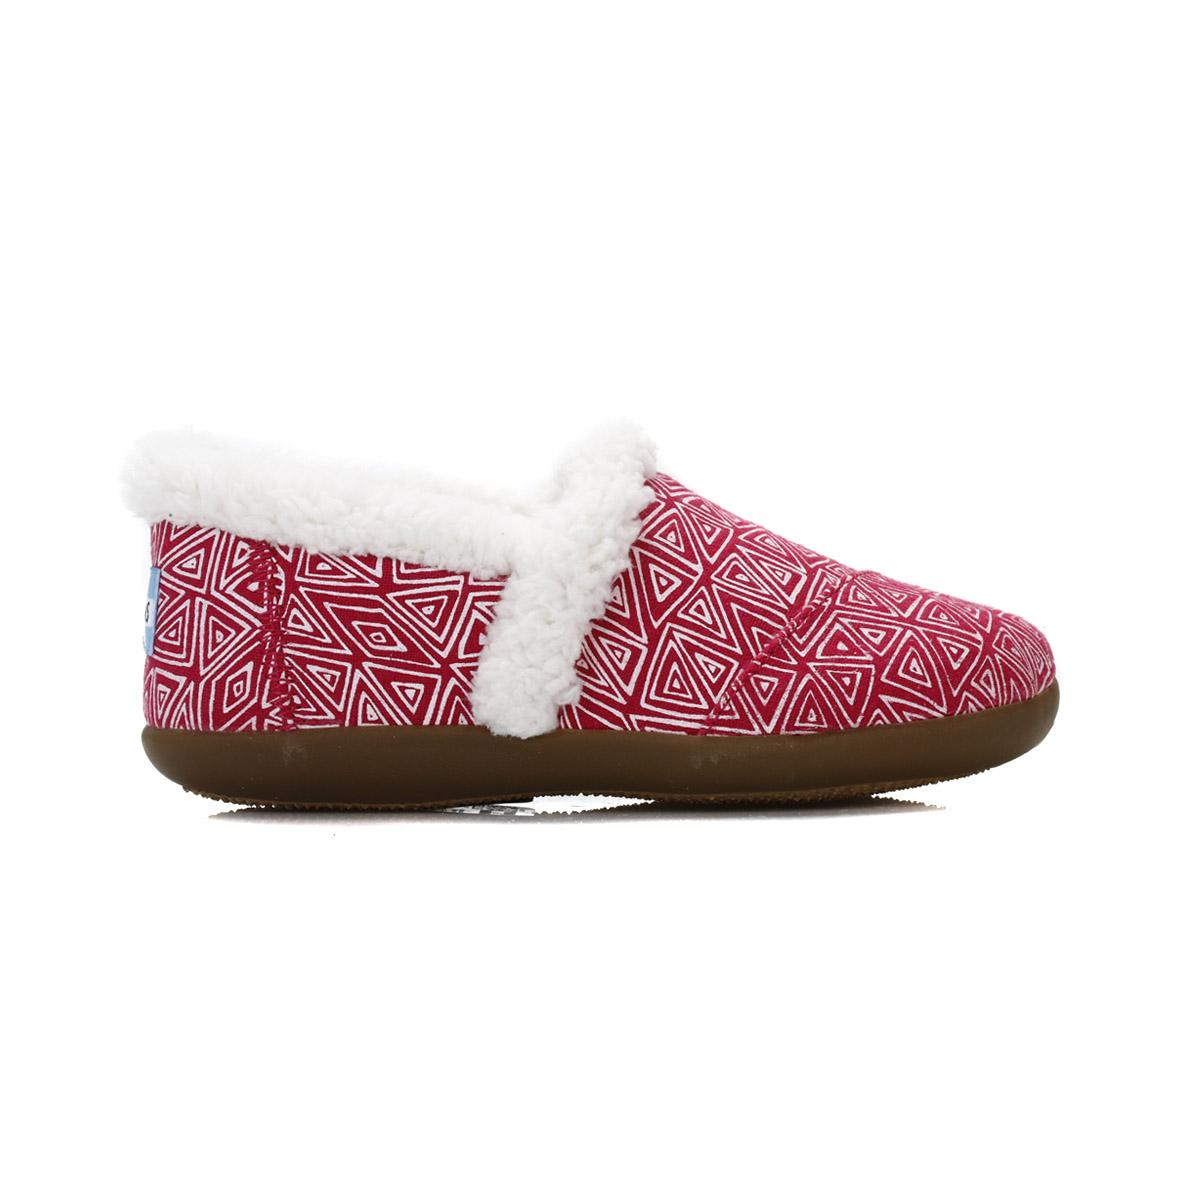 Toms Kids Shoes Ebay